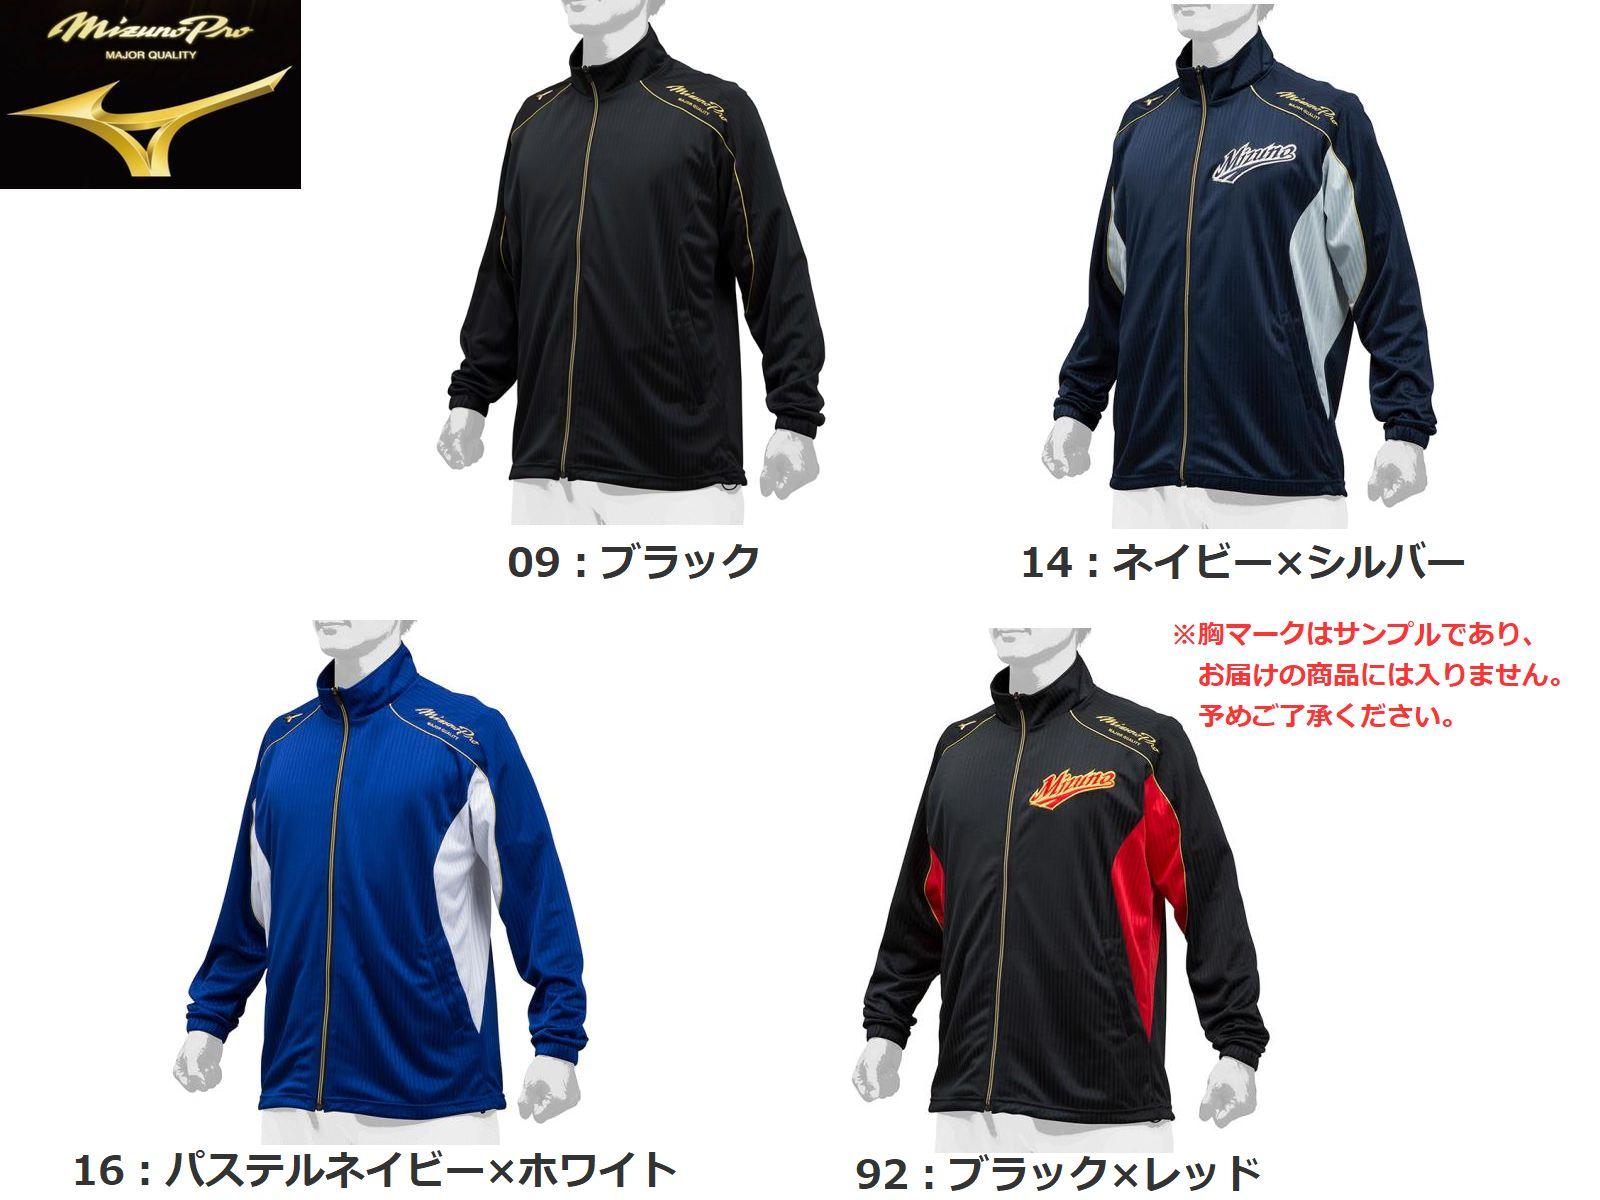 【Mizuno Pro=ミズノプロ】ウォームアップシャツ[ユニセックス]【ブラック】【ネイビー×シルバー】【パステルネイビー×ホワイト】【ブラック×レッド】[サイズ:S、M、L、O、XO、2XO]